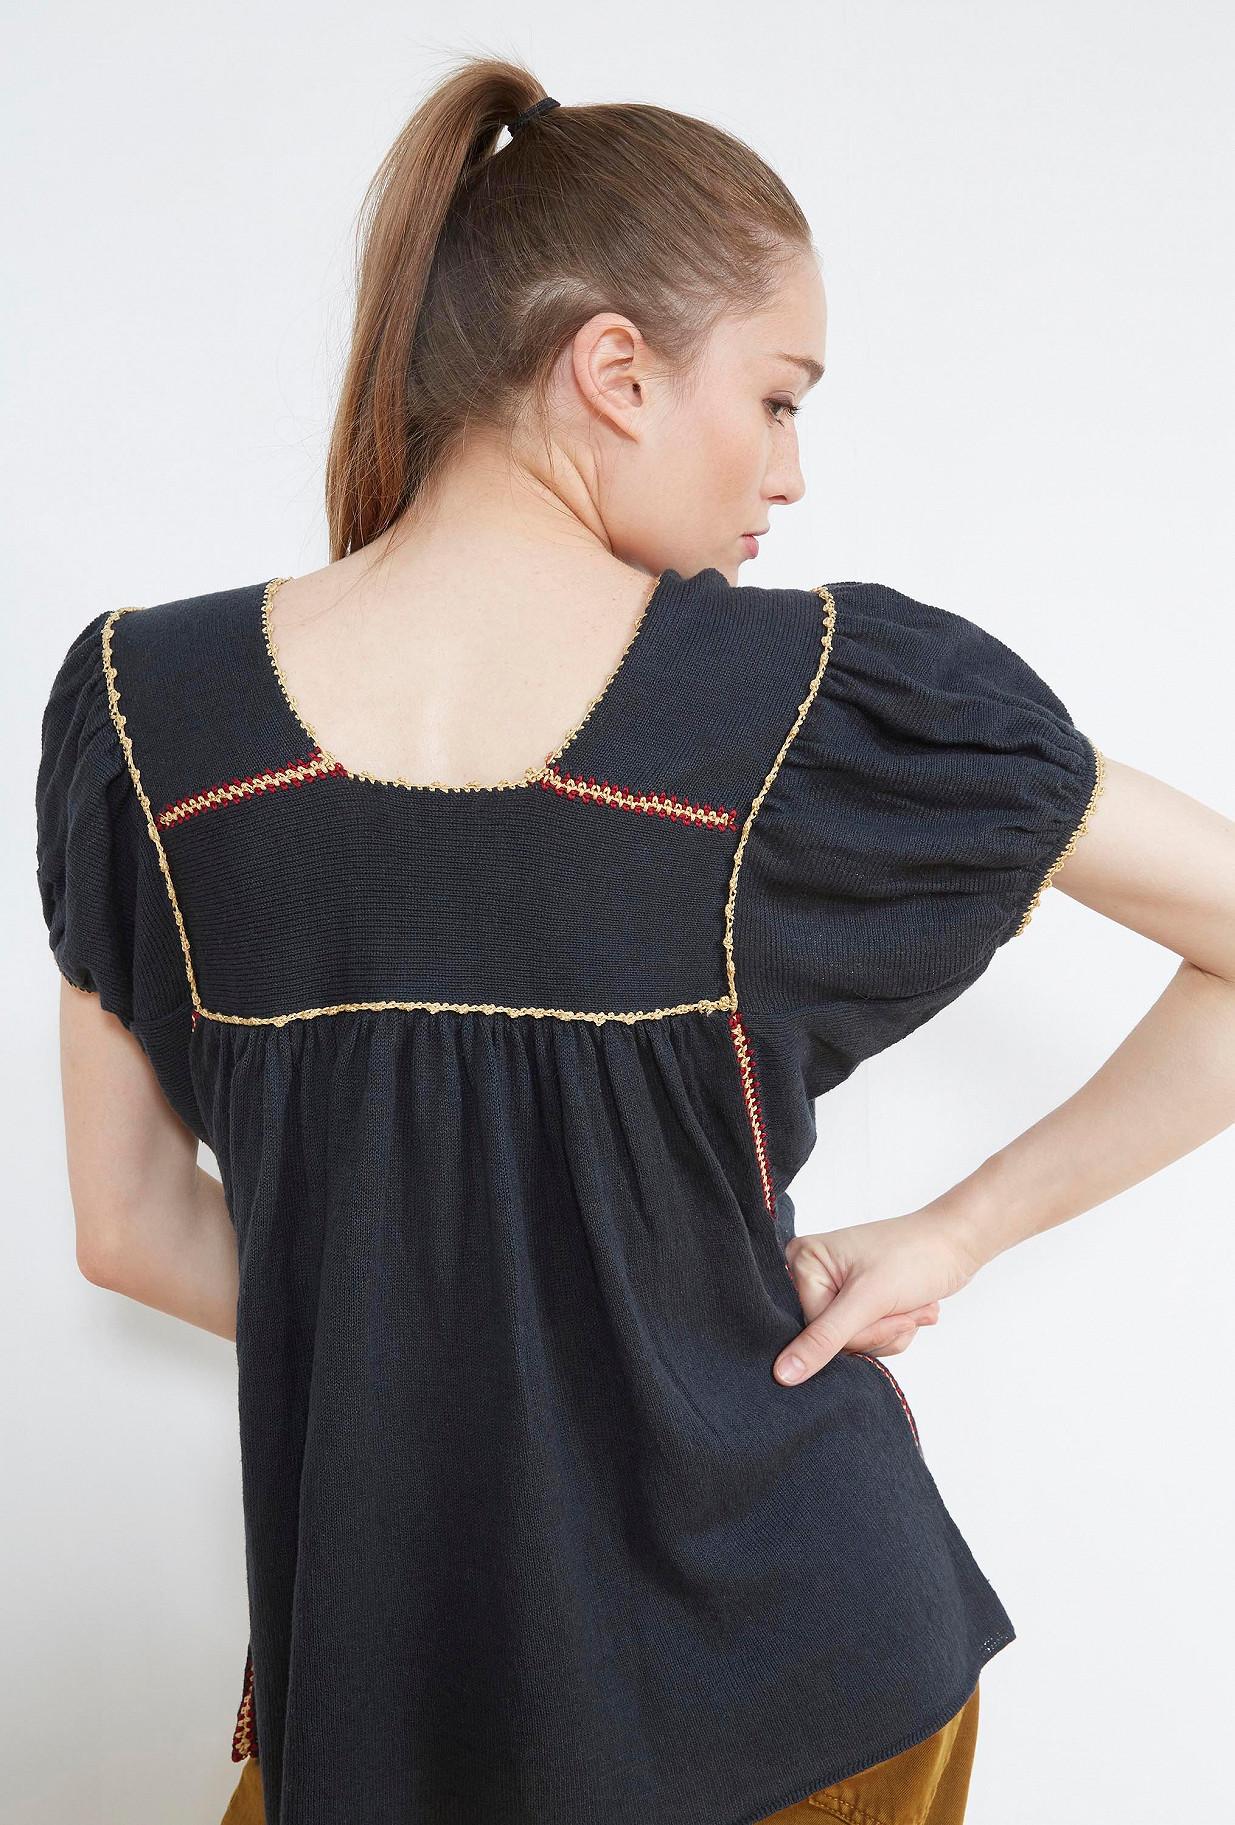 Black  TOP  Tiquita Mes demoiselles fashion clothes designer Paris